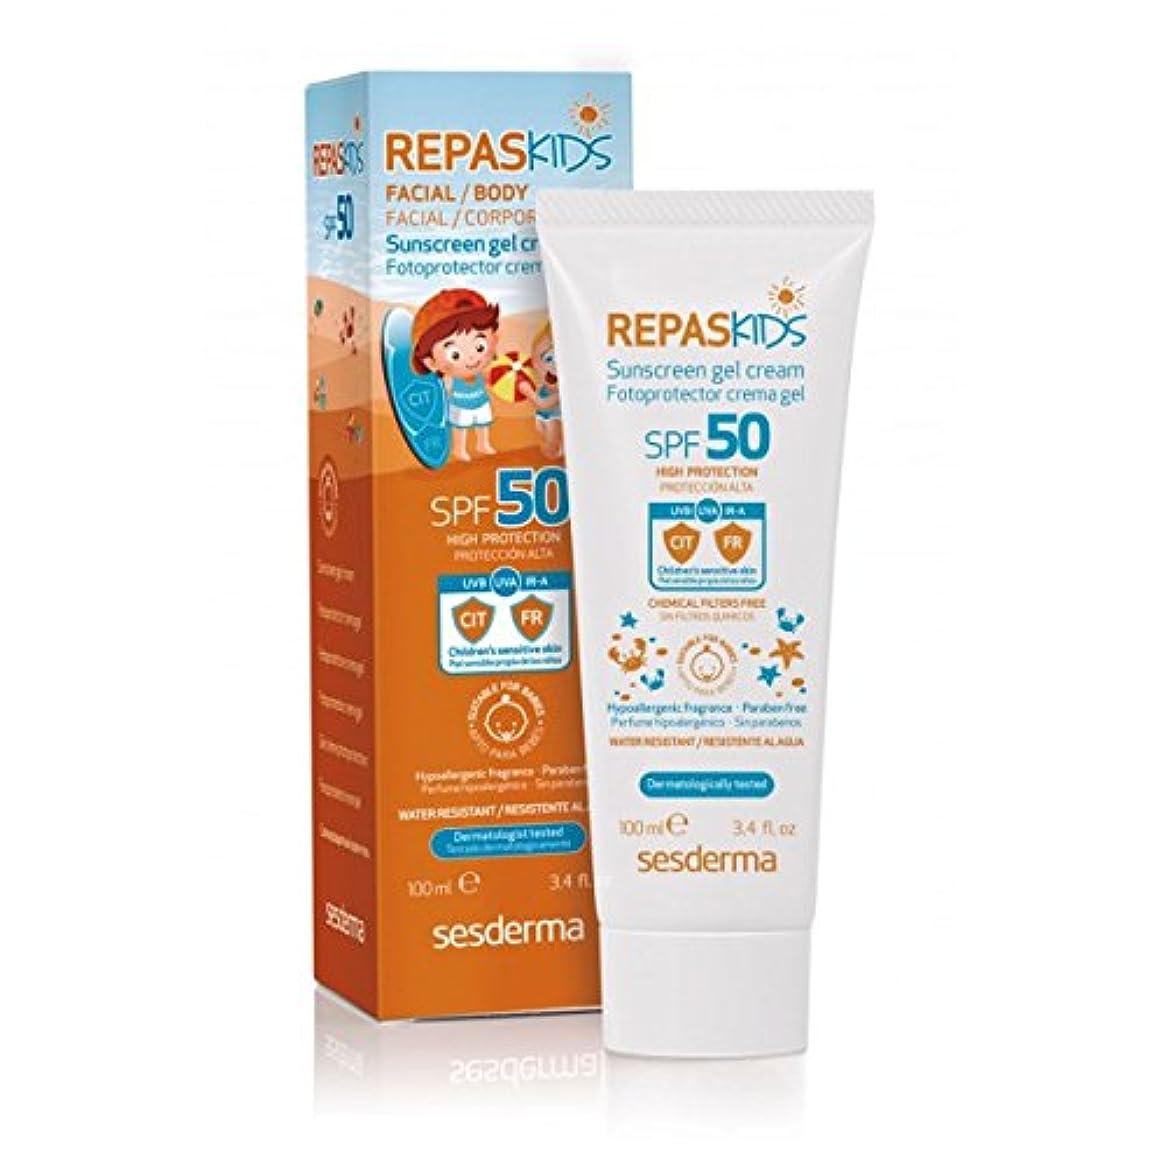 クアッガ美徳拷問Sesderma Repaskids Sunscreen Gel Cream Spf50 100ml [並行輸入品]